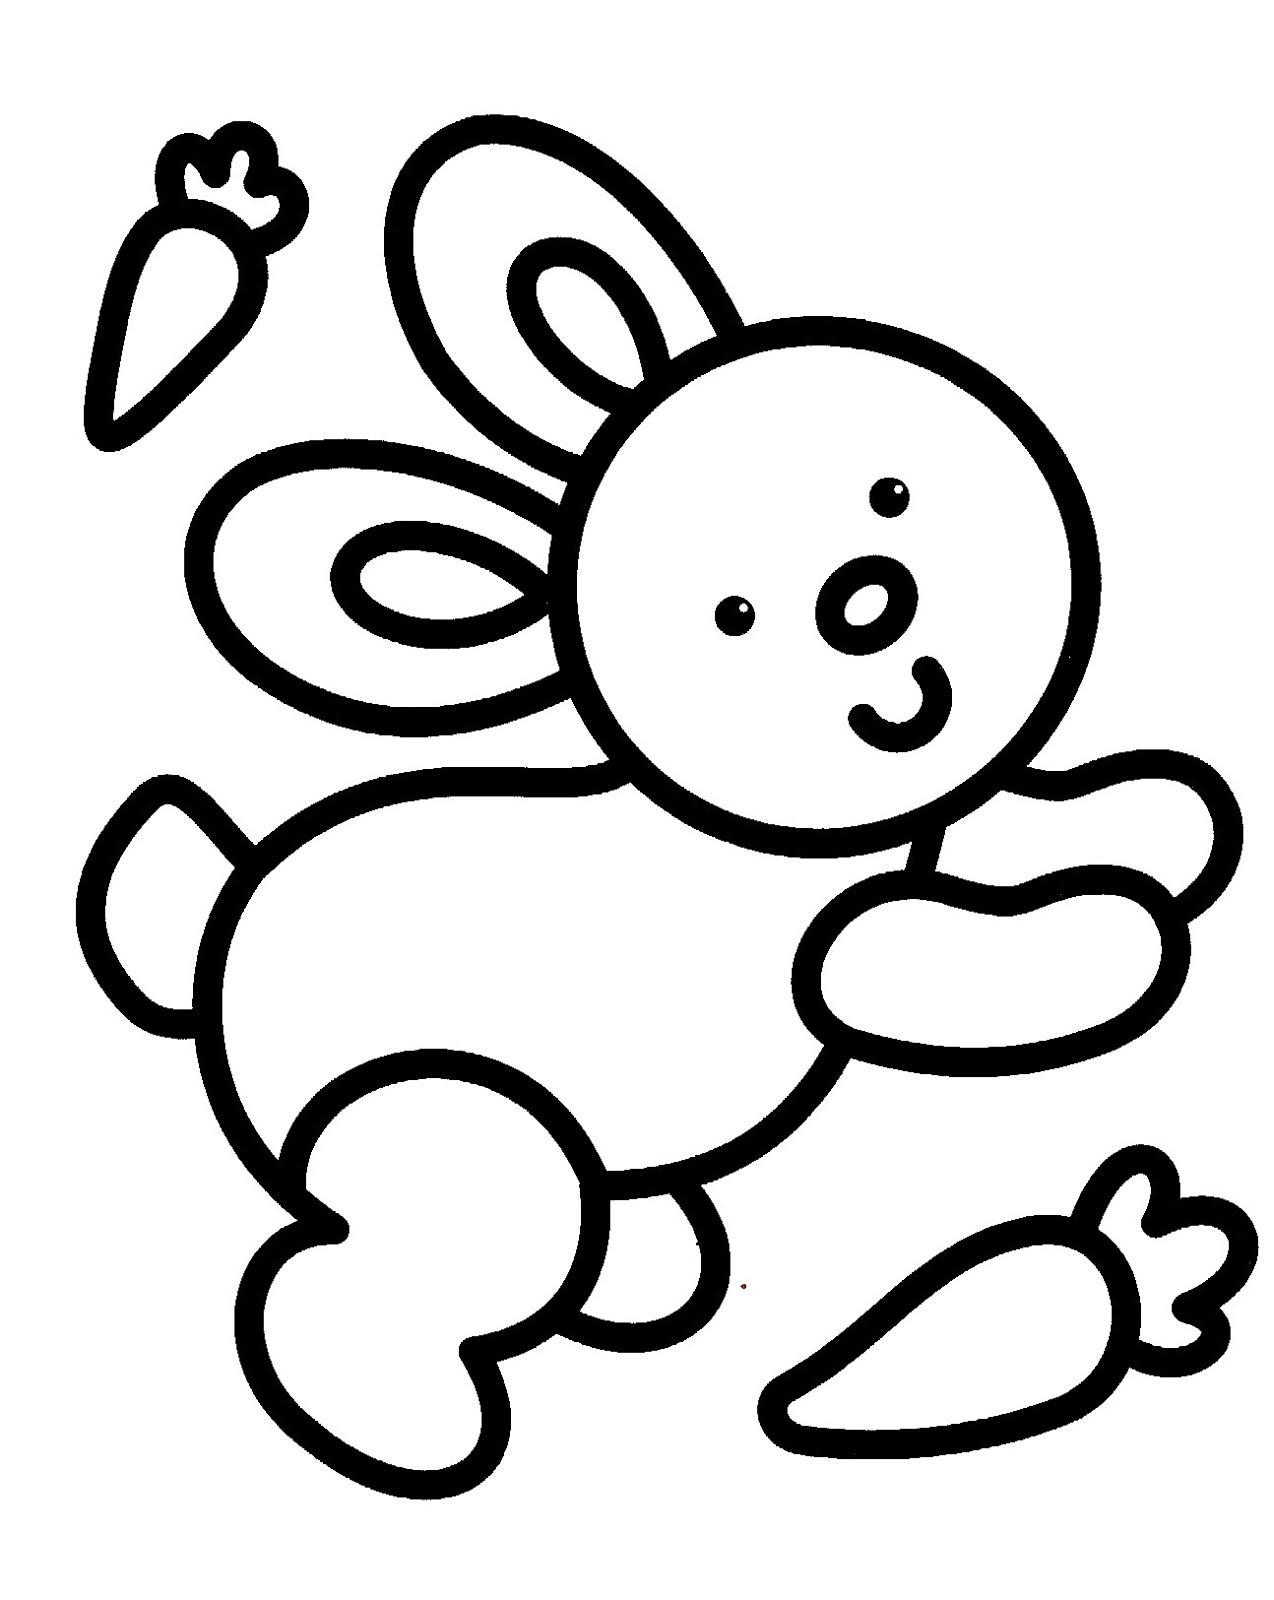 التلوين للاطفال رسومات للاطفال للتلوين